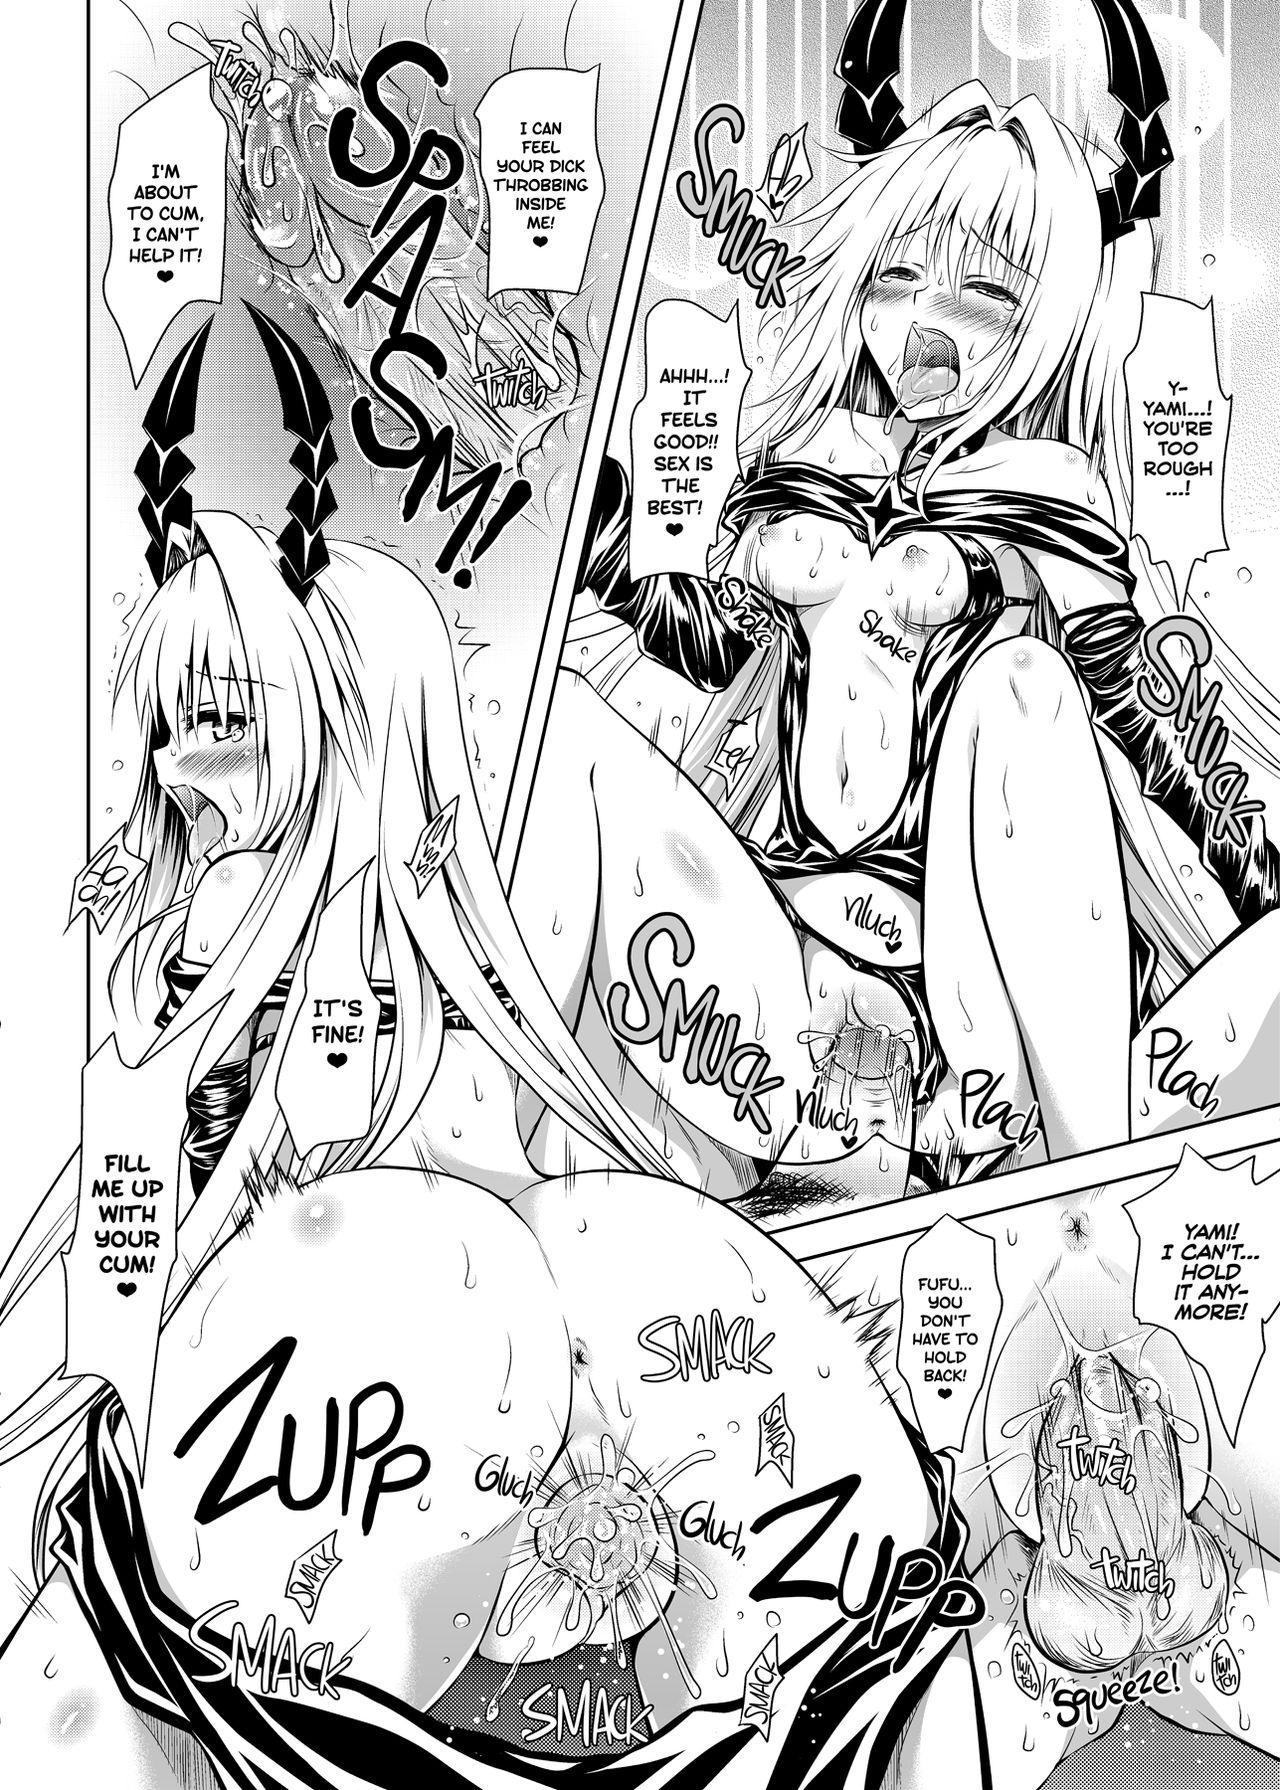 Ecchii no ga Daisuki desu | Having Sex is Fun 15